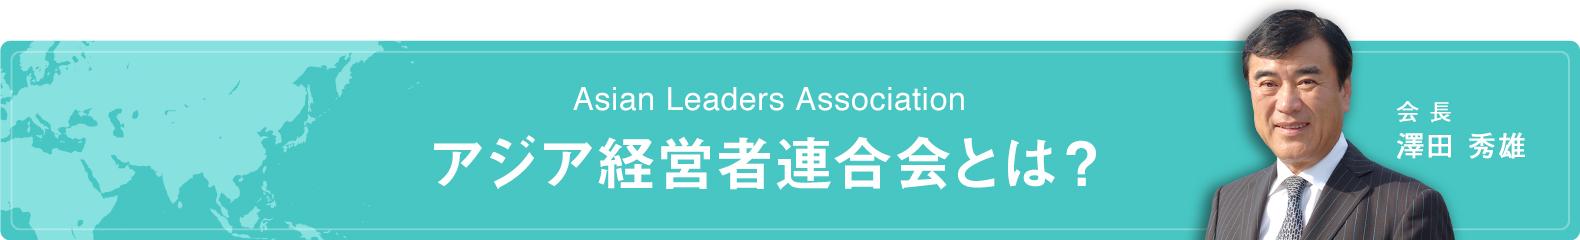 一般社団法人 アジア経営者連合会